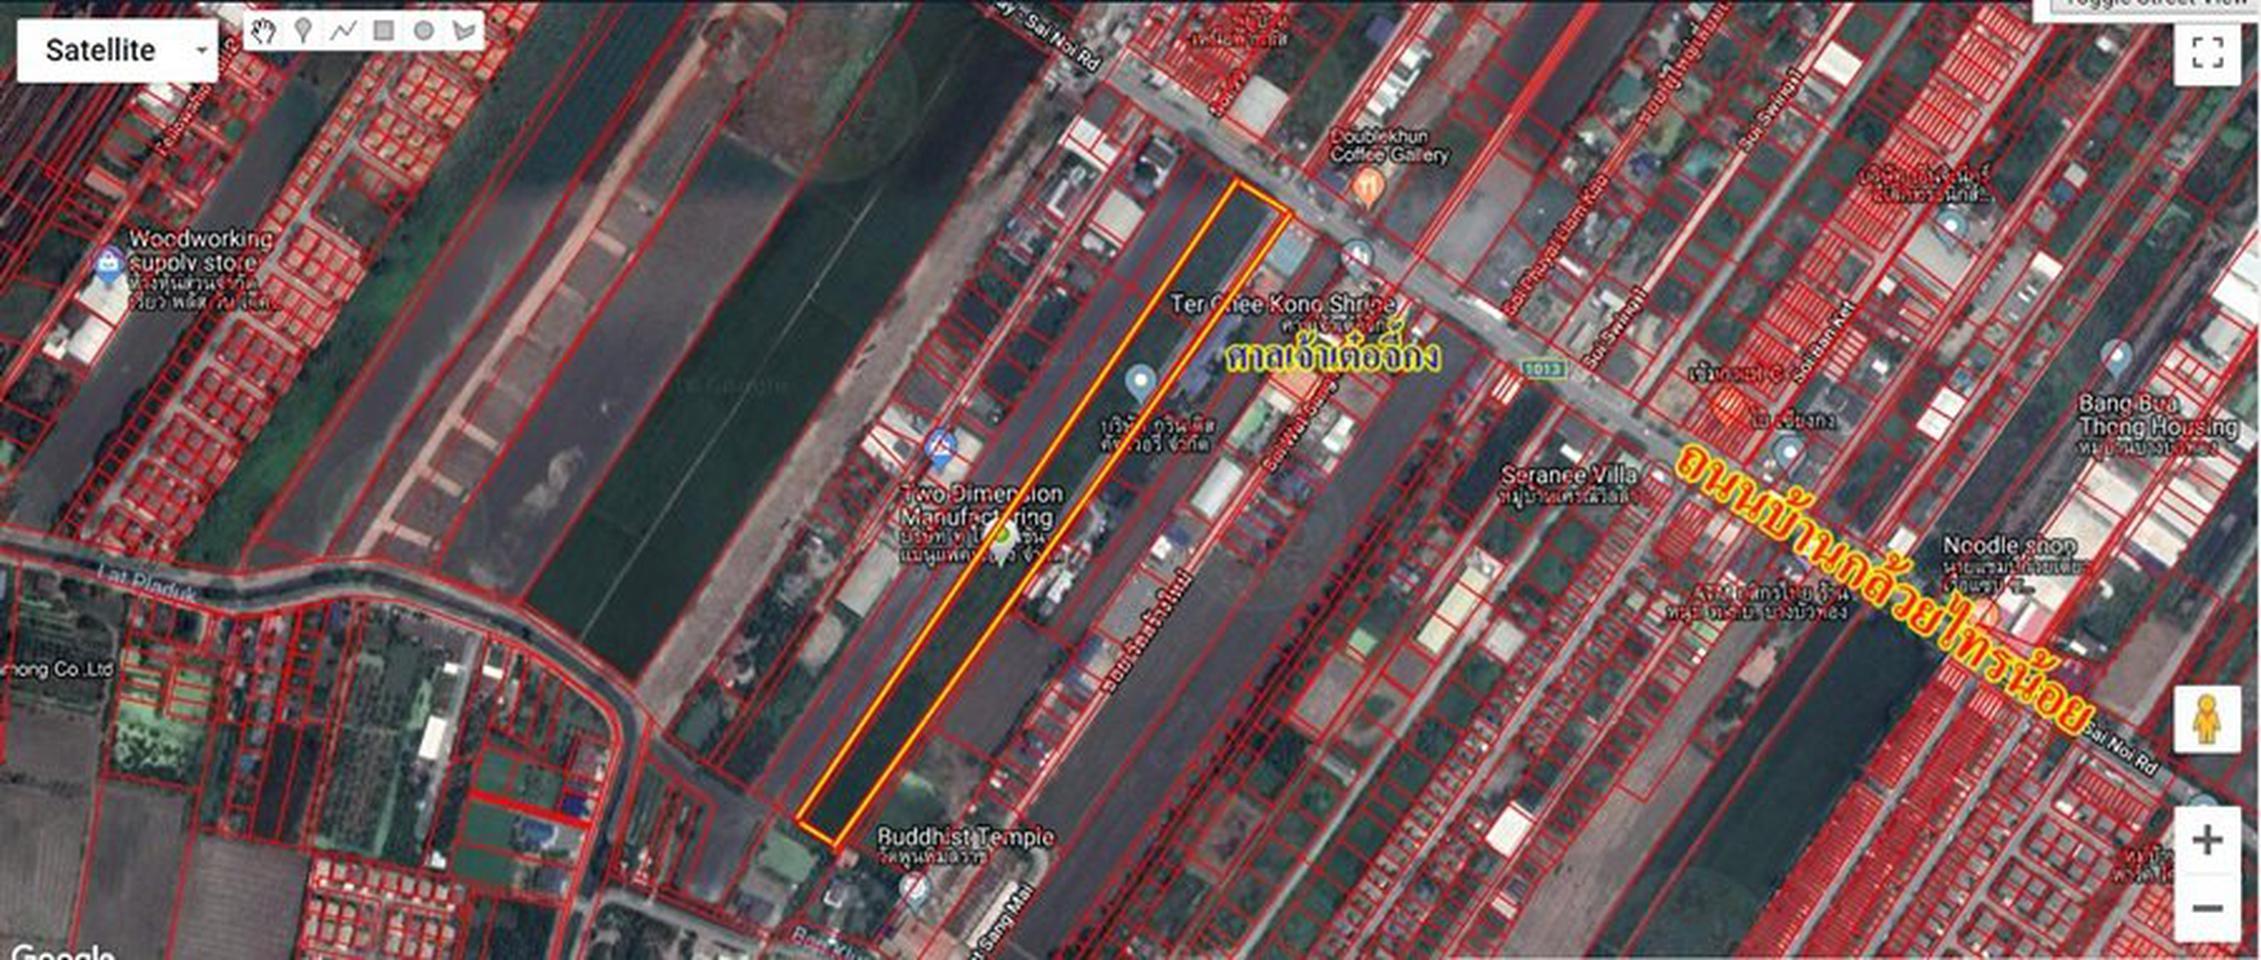 ขายที่ดินไทรน้อย 12 ไร่ เขตบางบัวทอง นนทบุรี ติดถนนบ้านกล้วย-ไทรน้อย เส้น 1013 อยู่ในเขตพื้นที่สีเหลือง เห รูปที่ 5